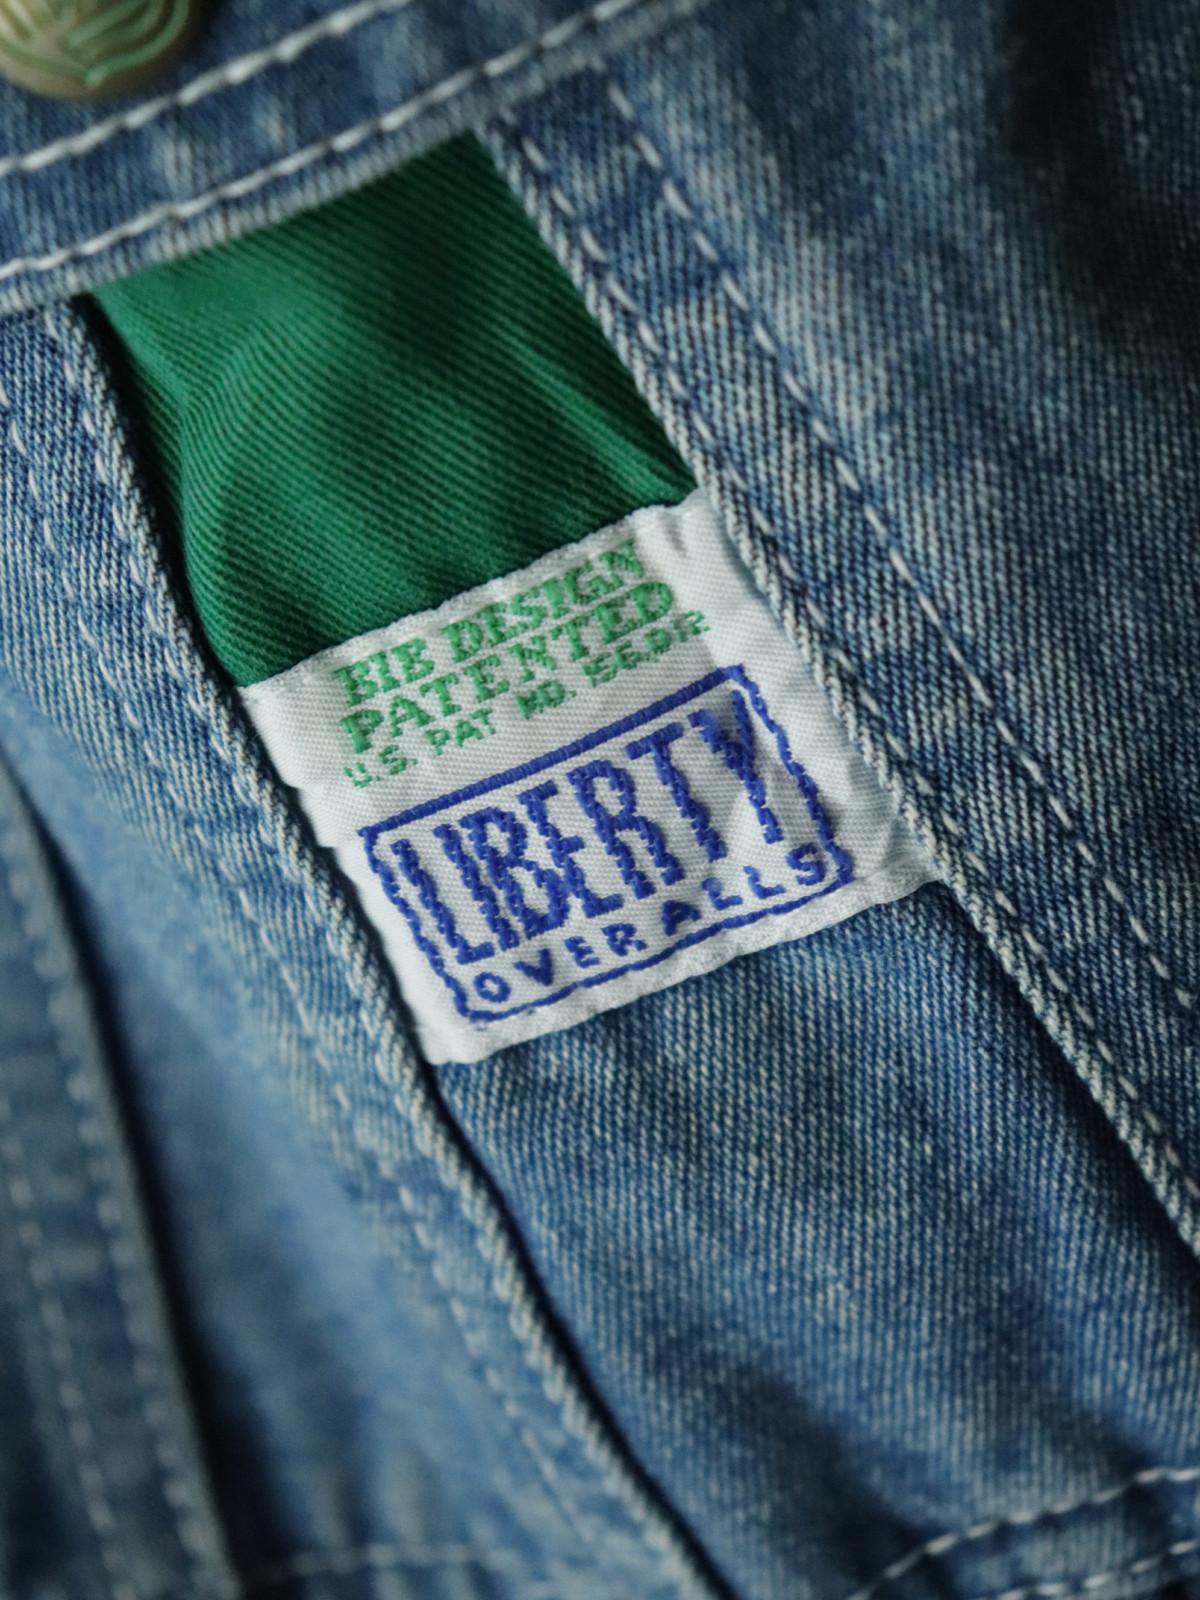 denim overall,usa,liberty